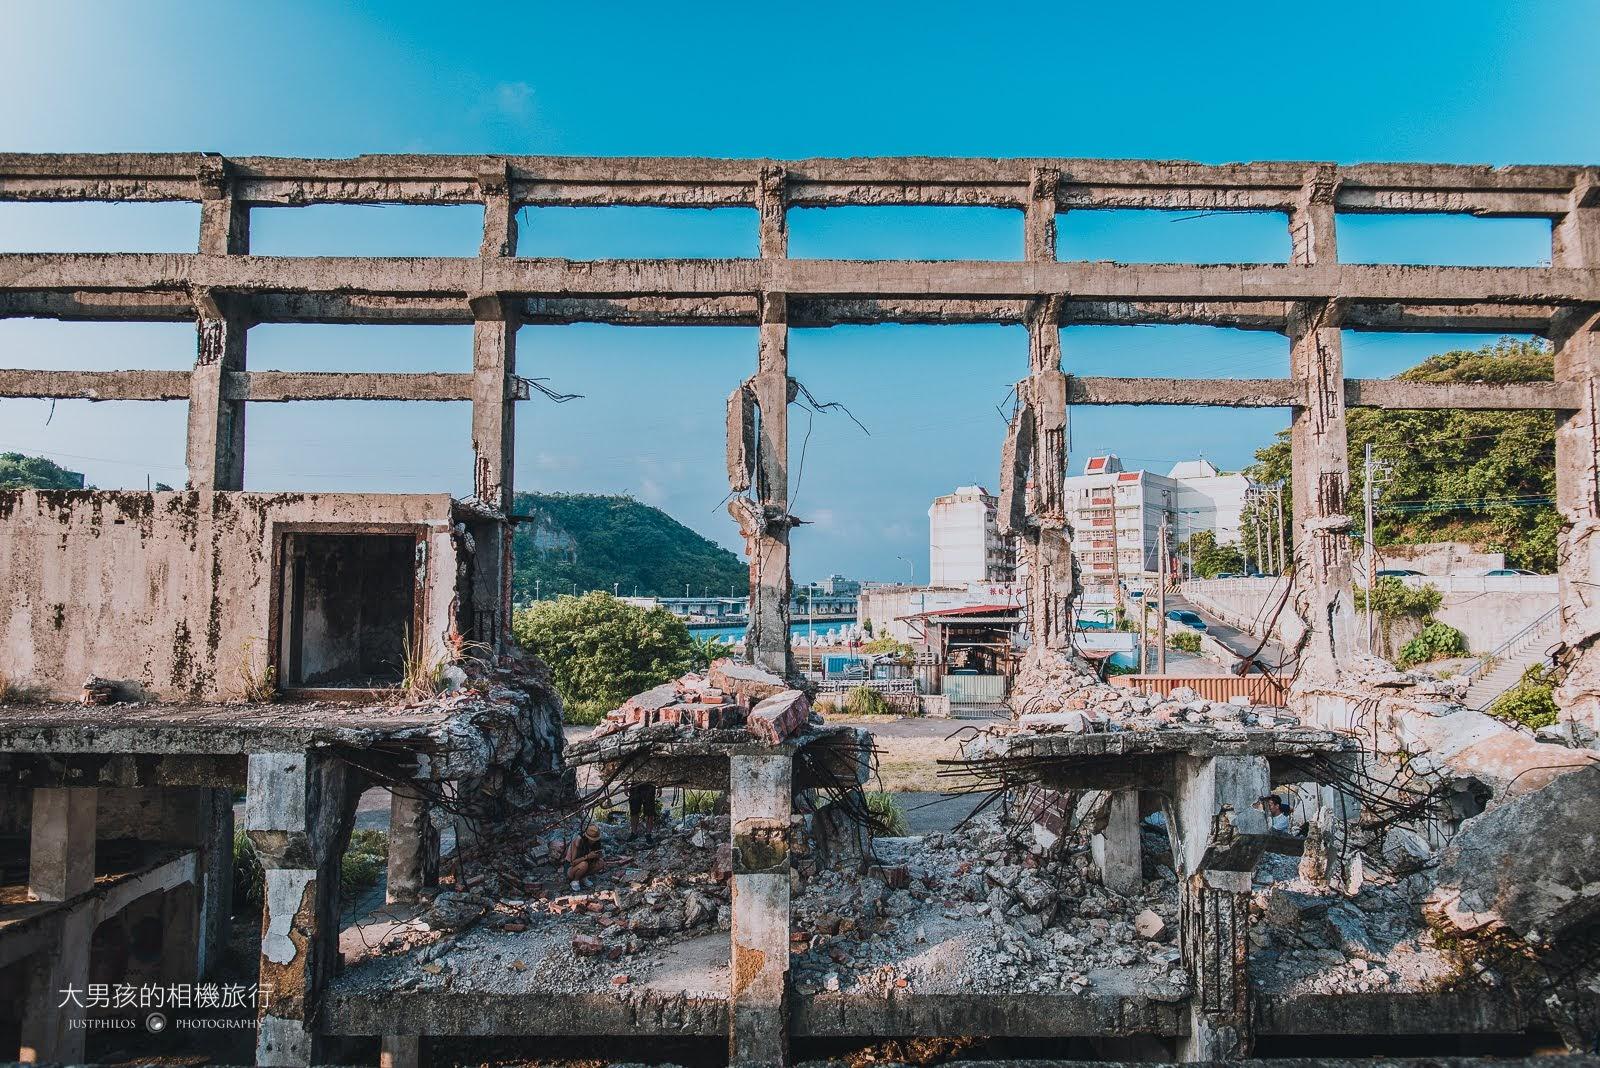 天氣好的時候即使只是破損的廢墟,阿根納造船廠還是非常吸睛。